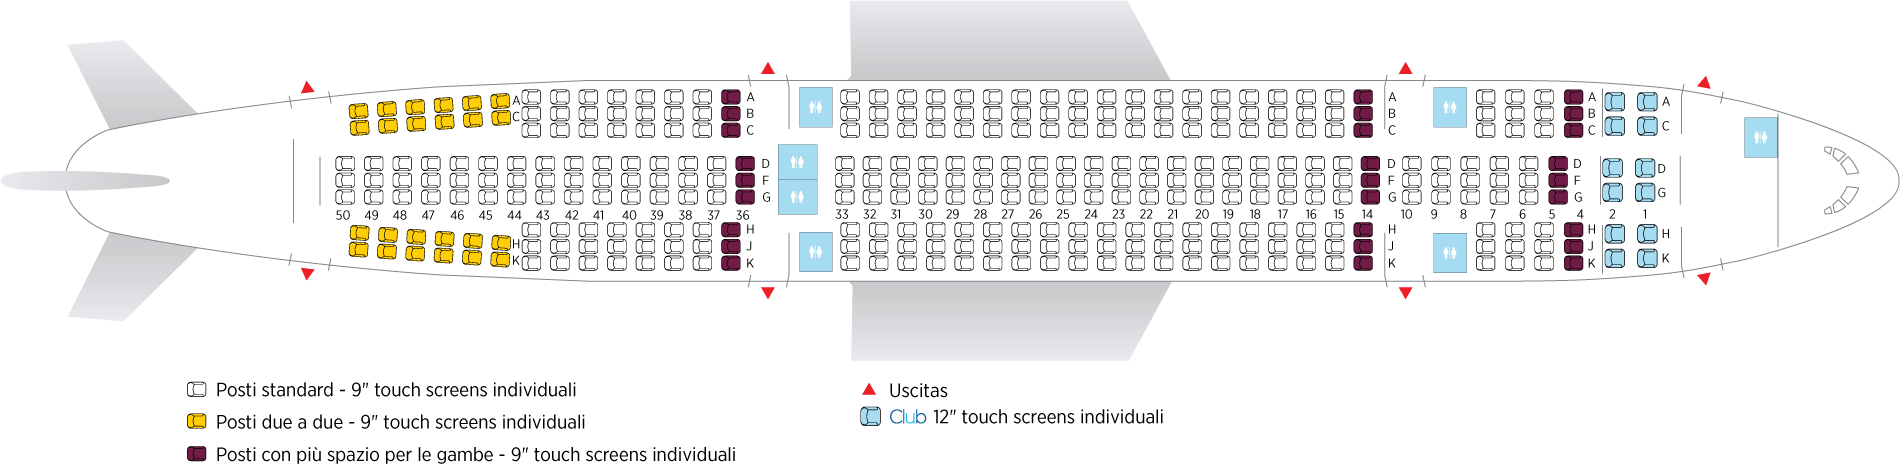 recensione air transat: configurazione sedili